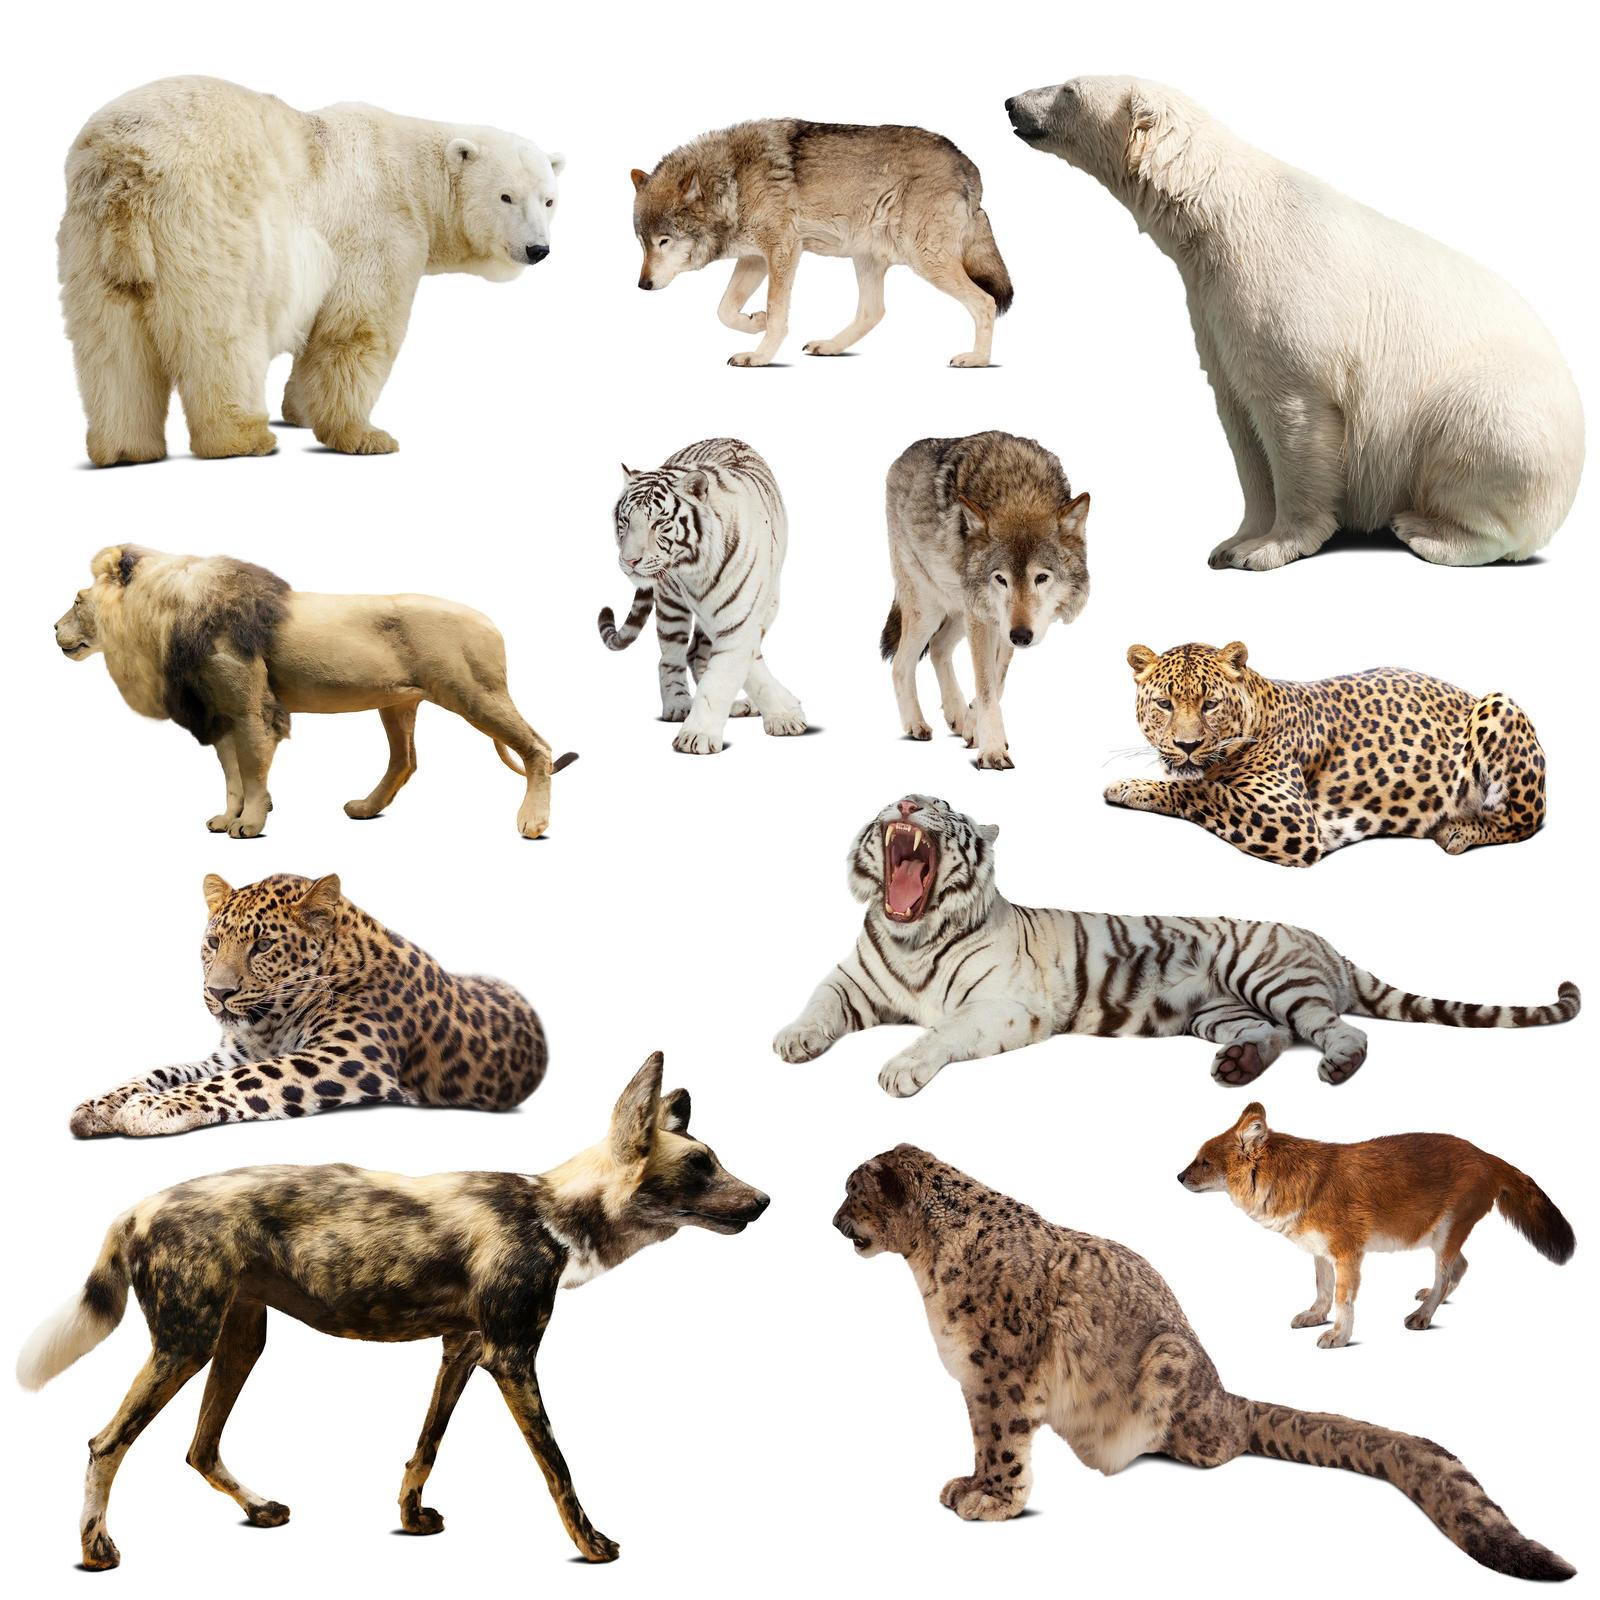 Animals set isolATED WHITE bg (1)